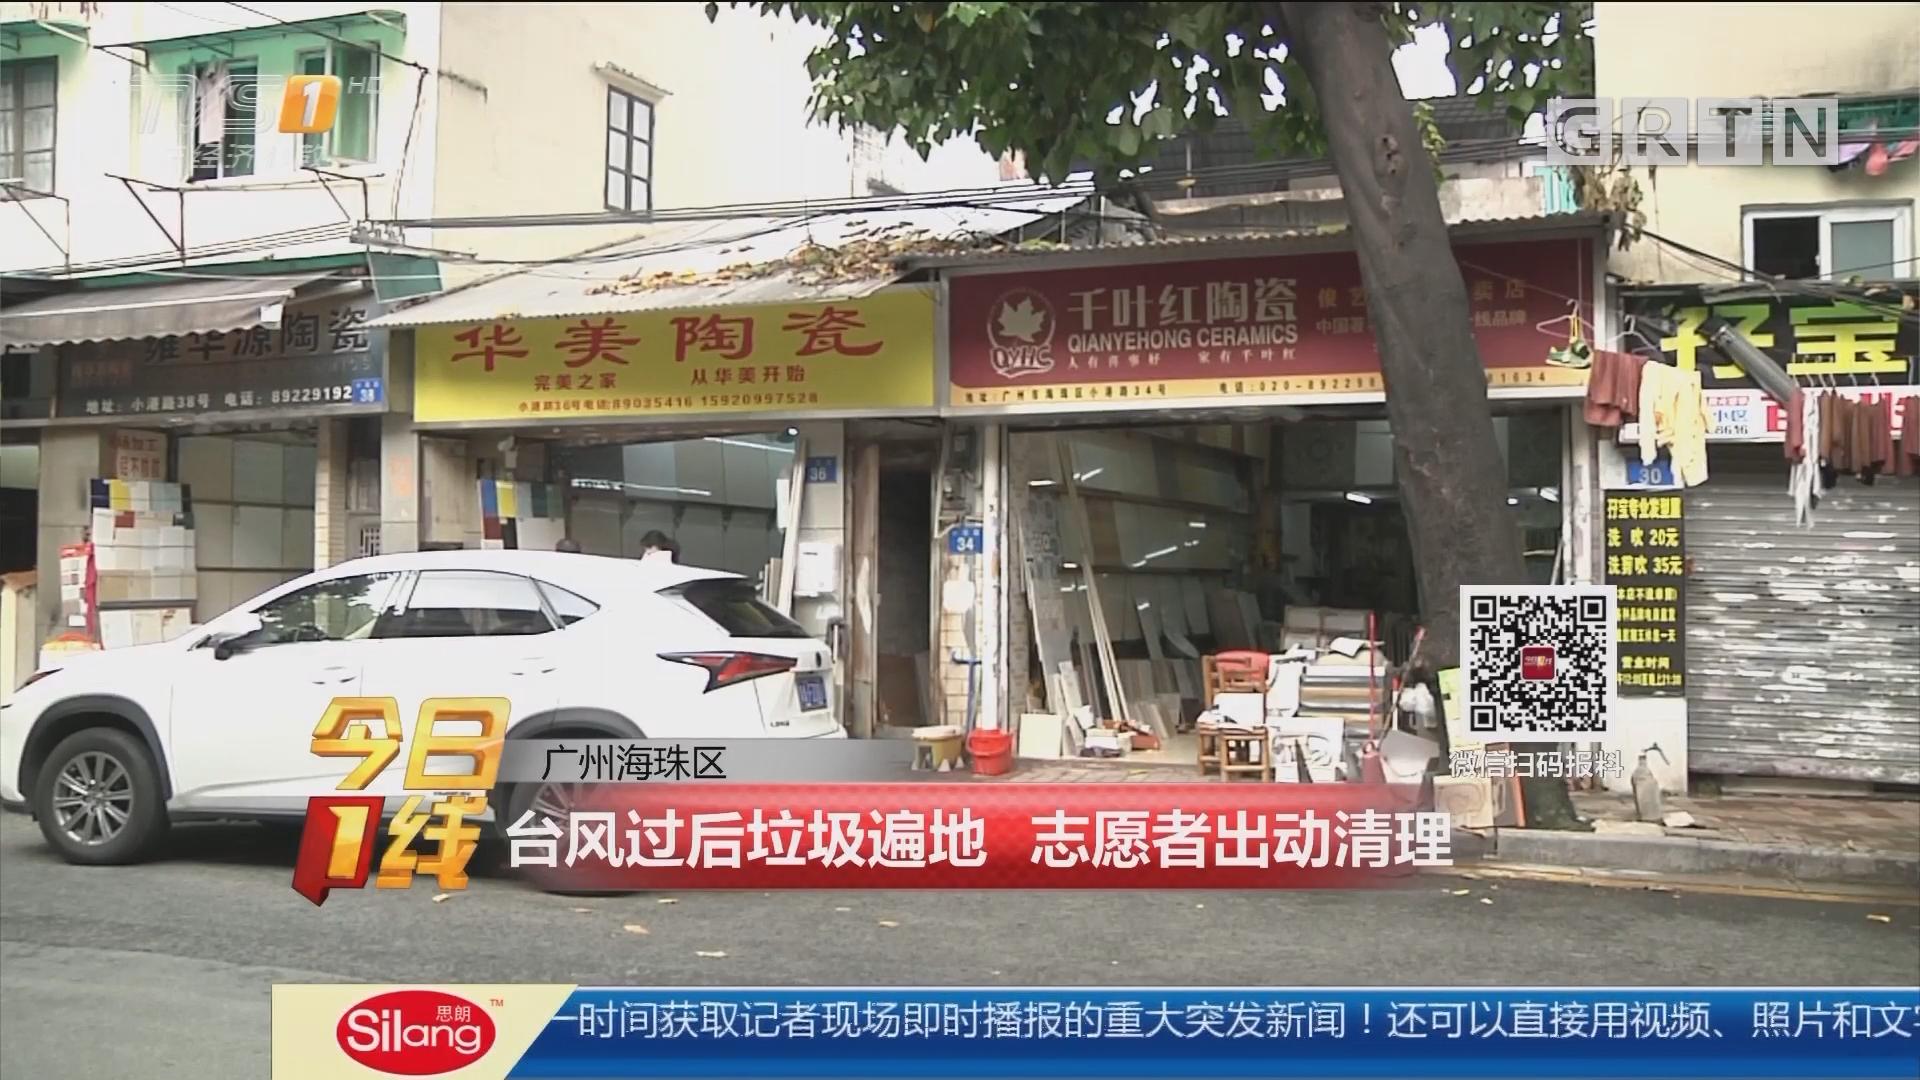 广州海珠区:台风过后垃圾遍地 志愿者出动清理